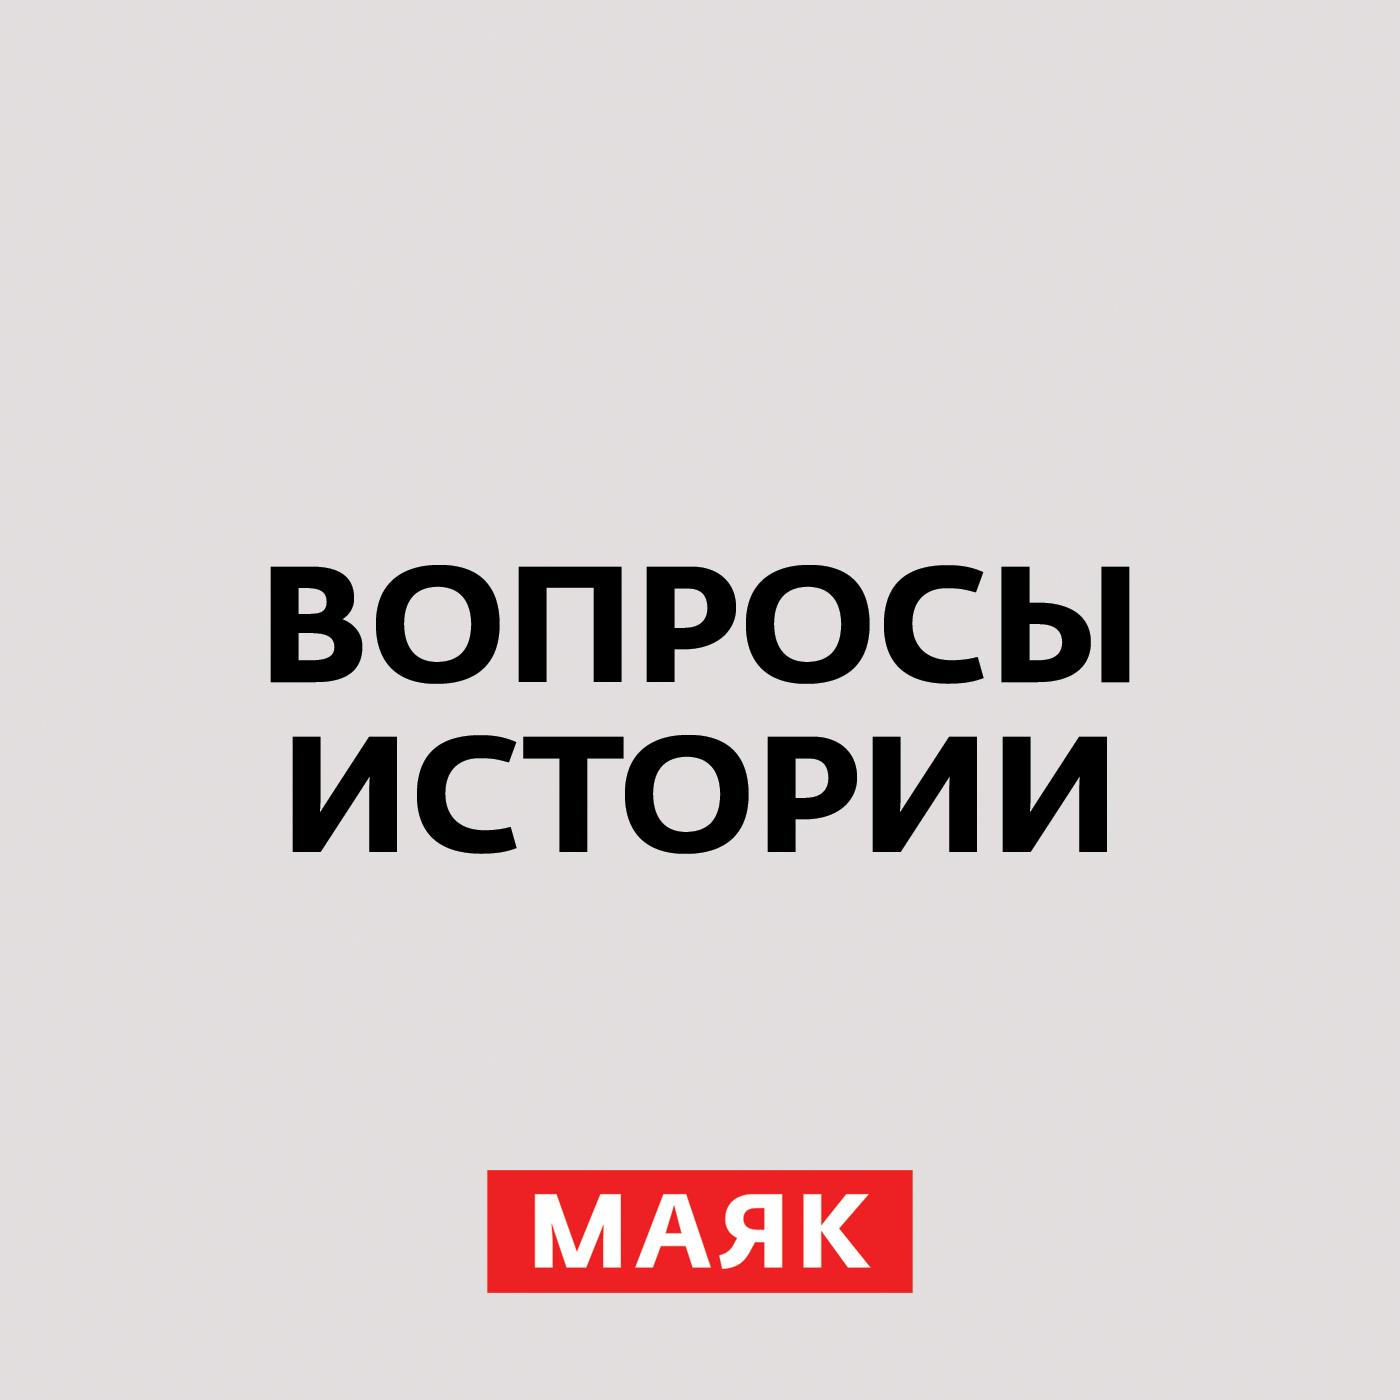 Андрей Светенко Во время ВОВ воевали не только на суше. Отнюдь андрей светенко при анализе начала второй мировой всплывает много интересного часть 1